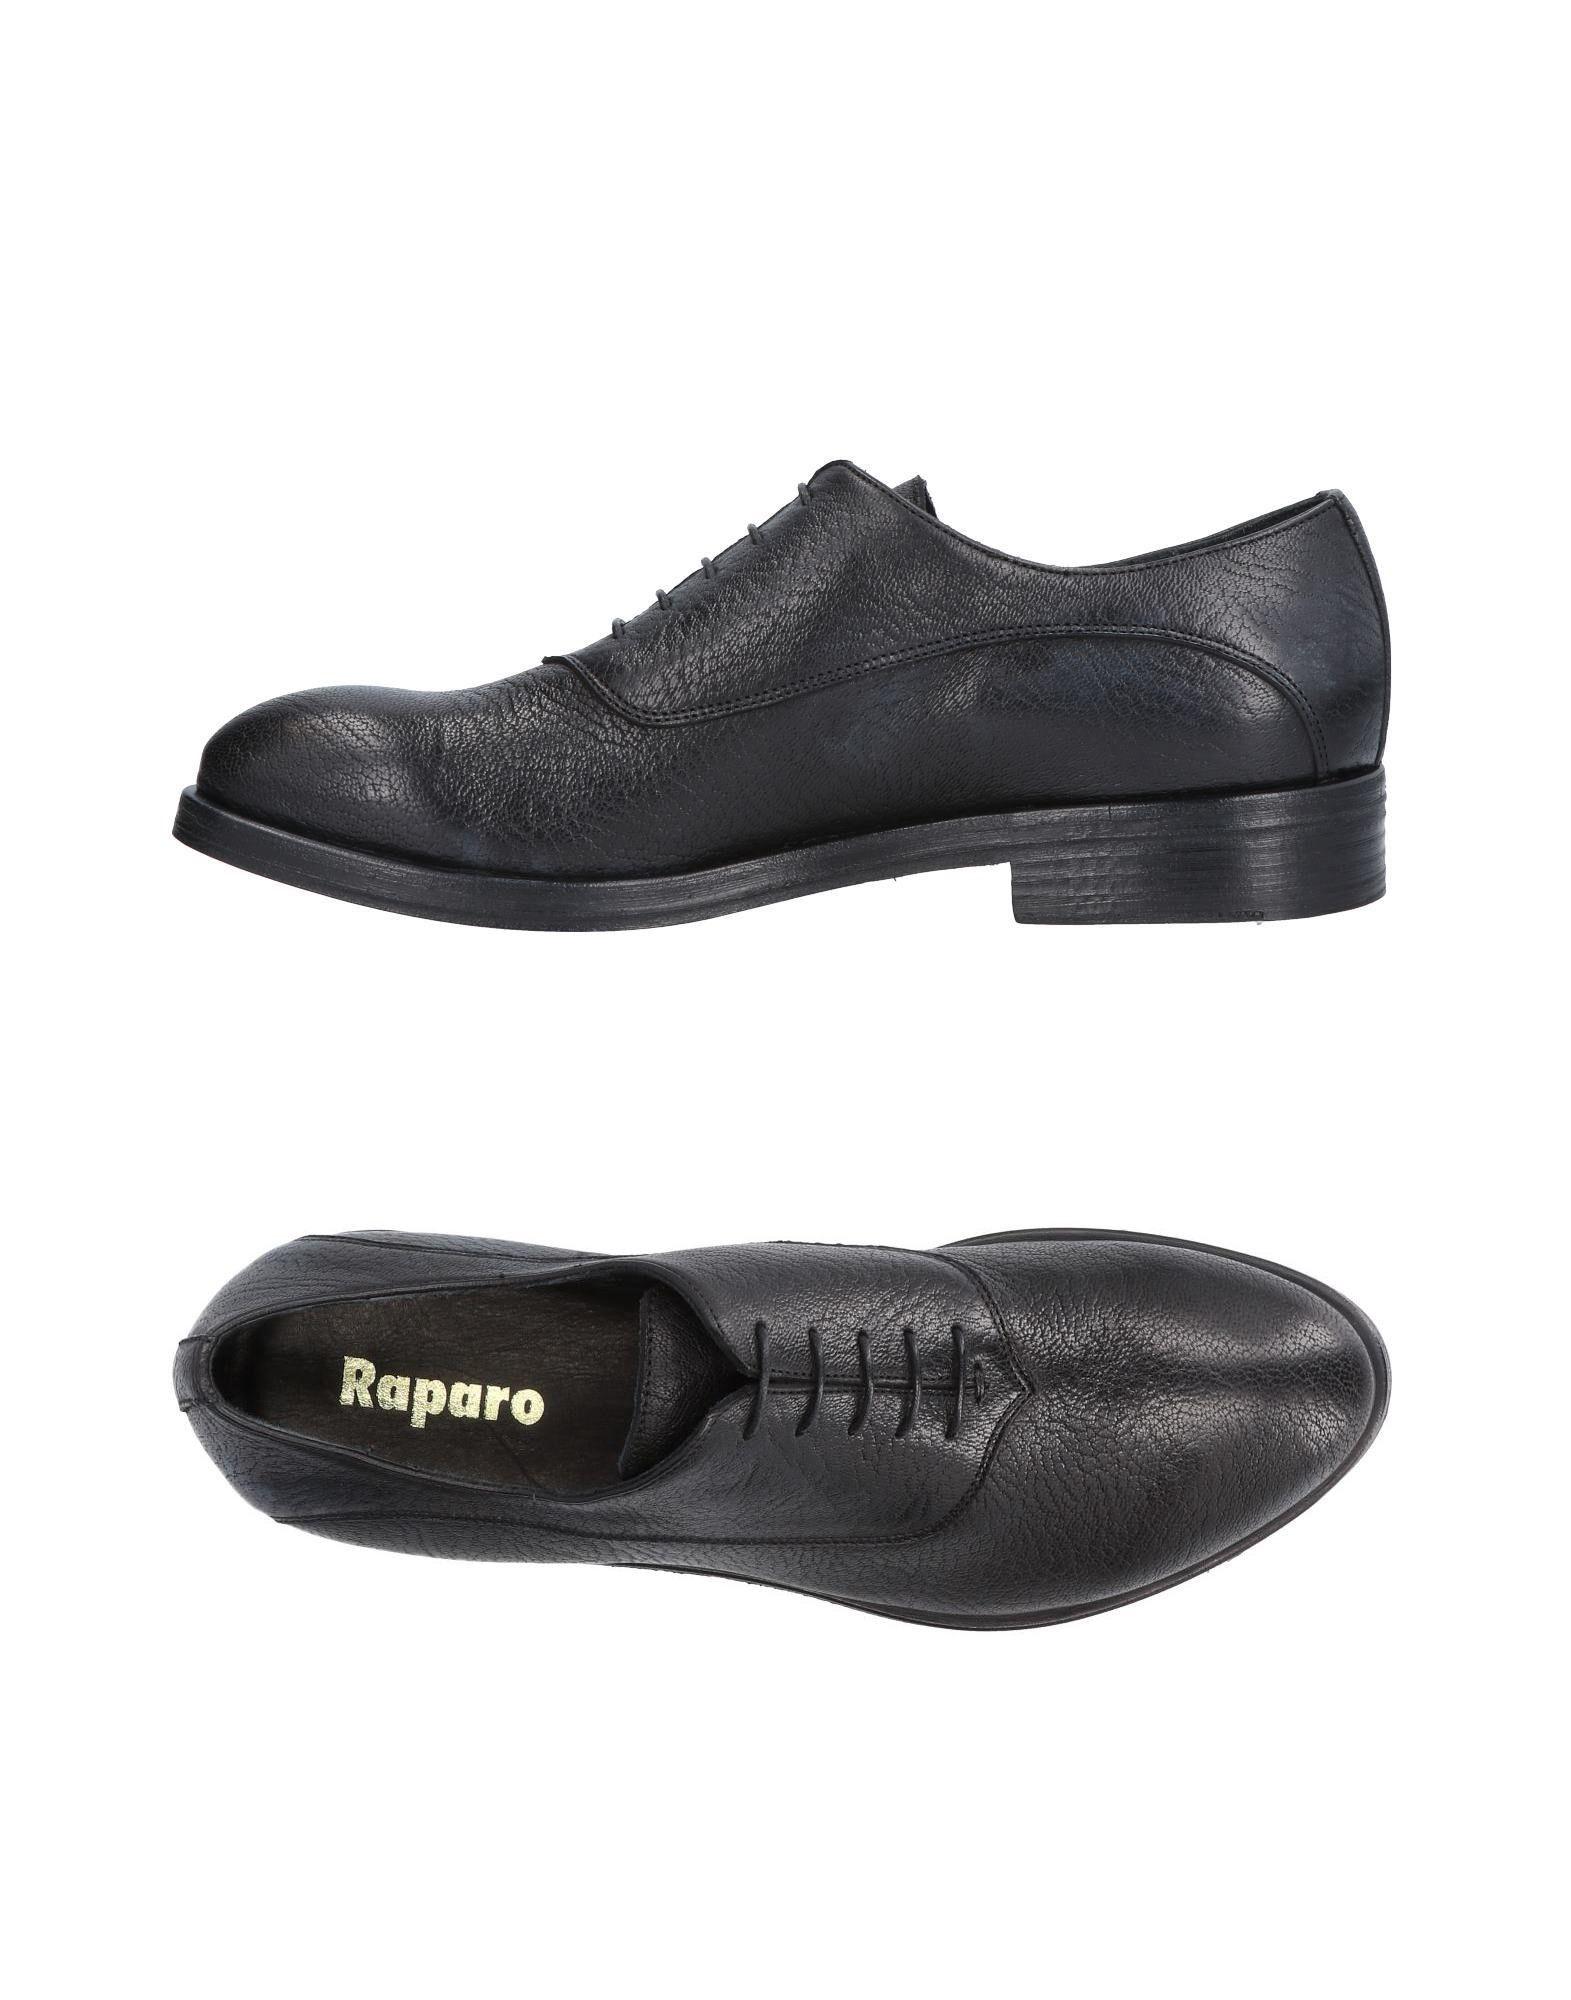 Raparo Schnürschuhe Herren  11475246XM Gute Qualität beliebte Schuhe